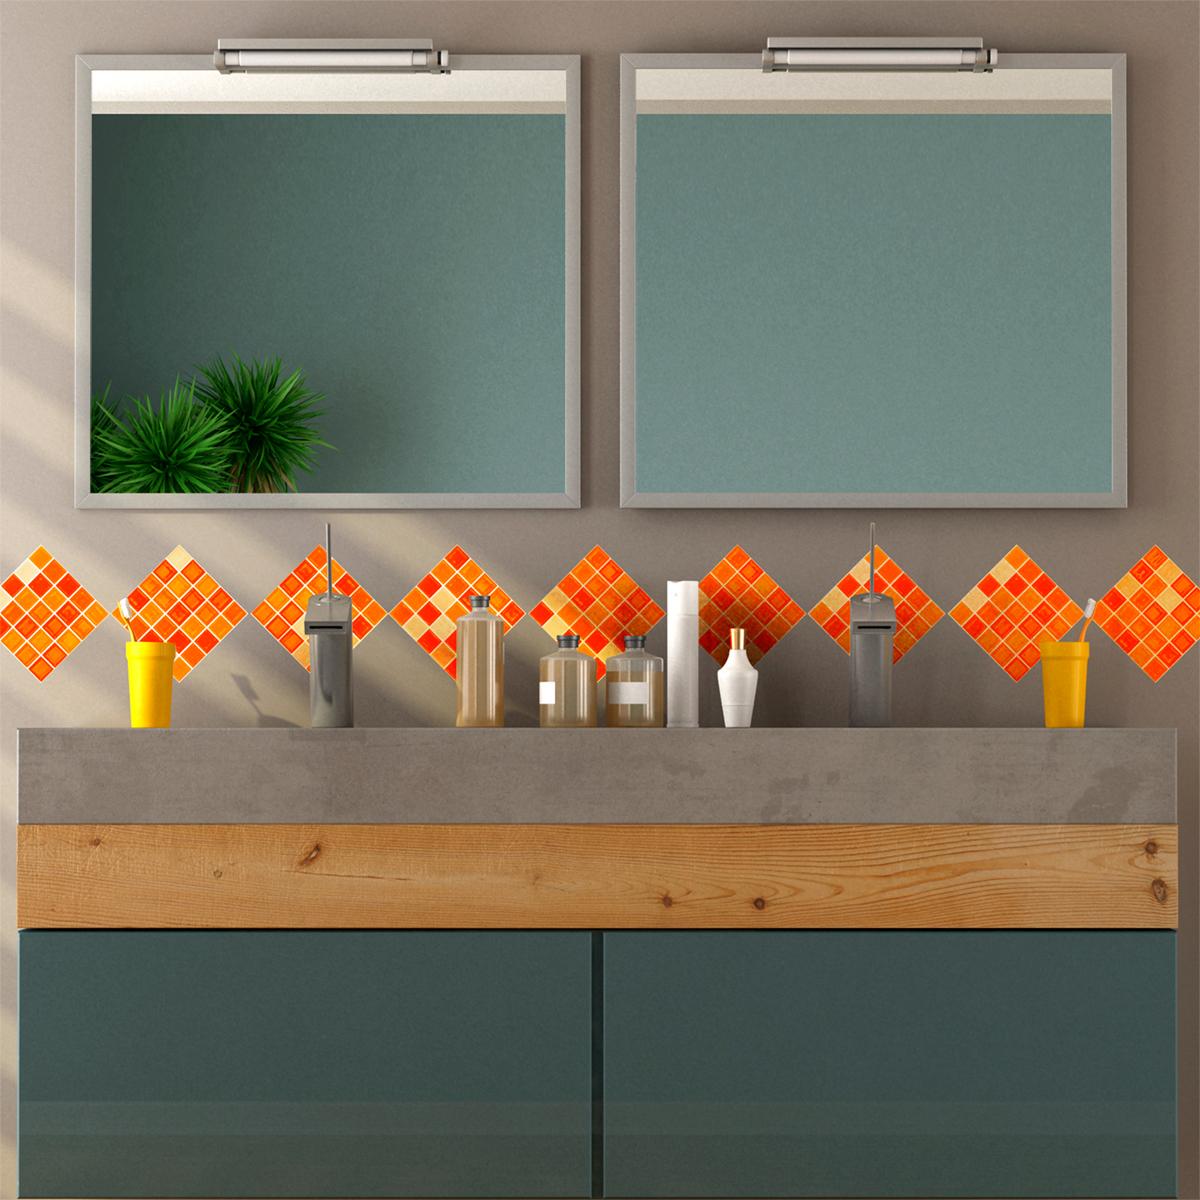 9 stickers carreaux de ciment mosa ques nuance orange art et design artistiques ambiance sticker. Black Bedroom Furniture Sets. Home Design Ideas